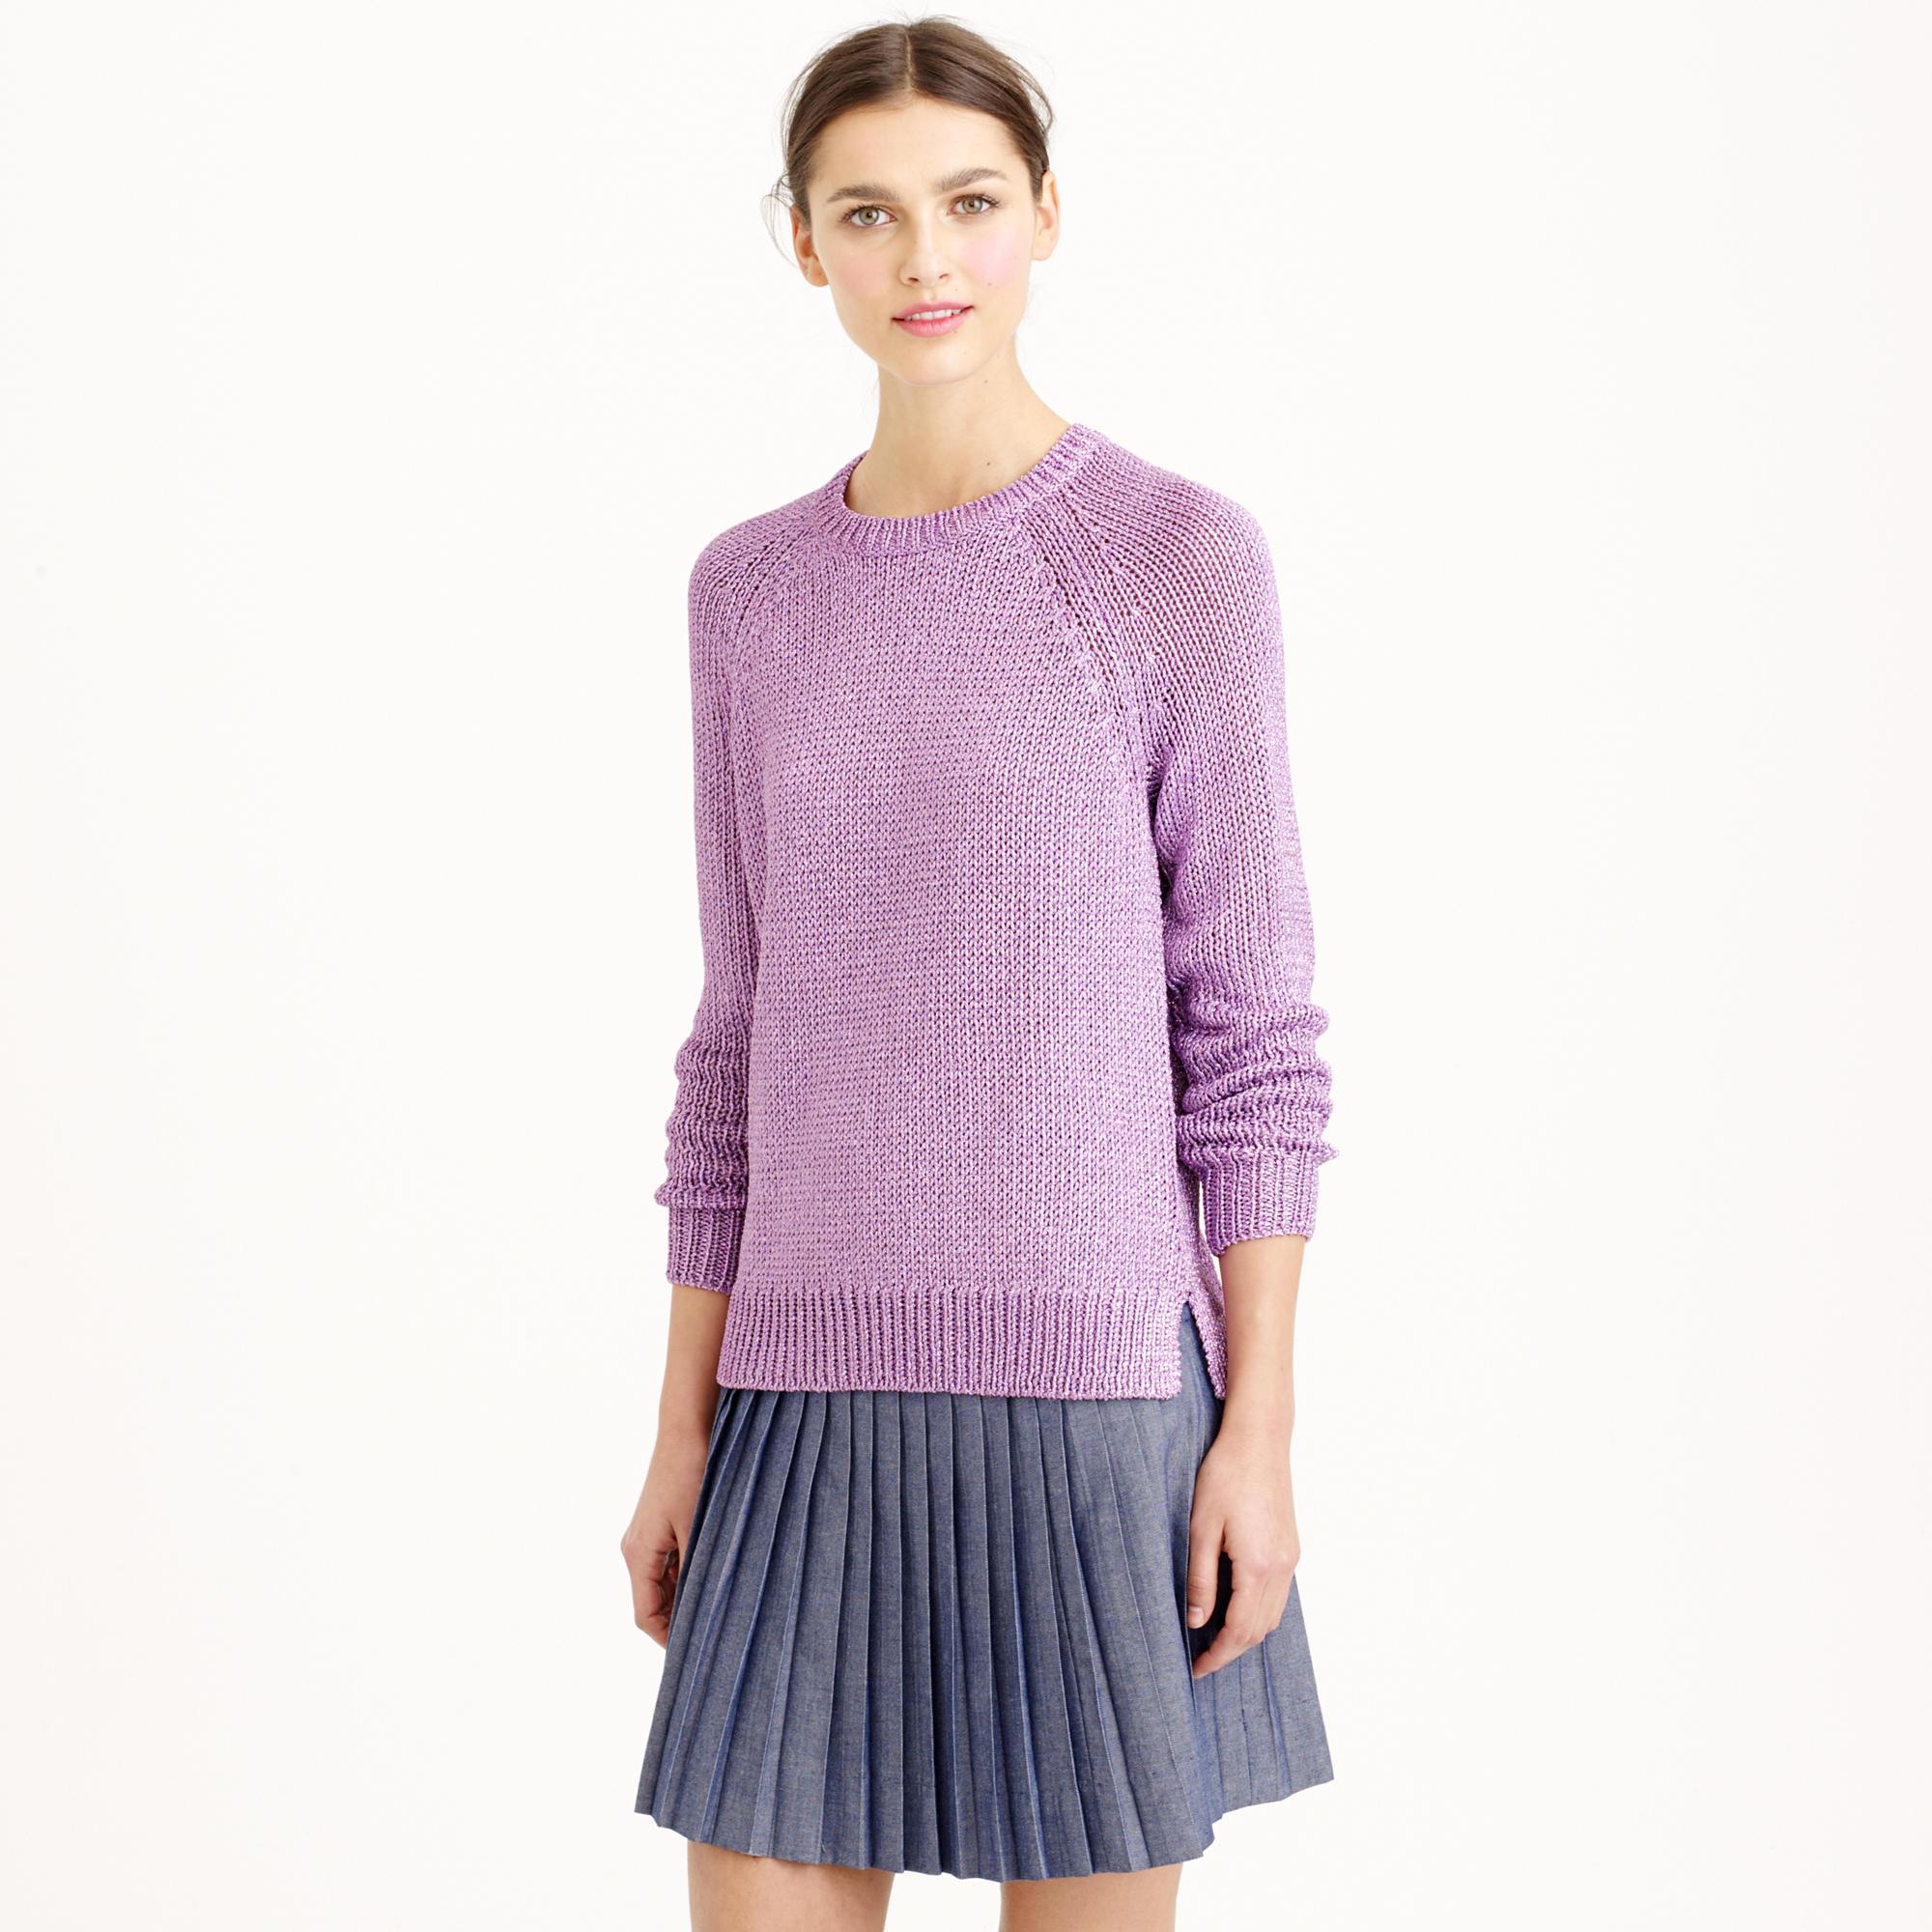 J.crew Metallic Side-slit Sweater in Purple | Lyst